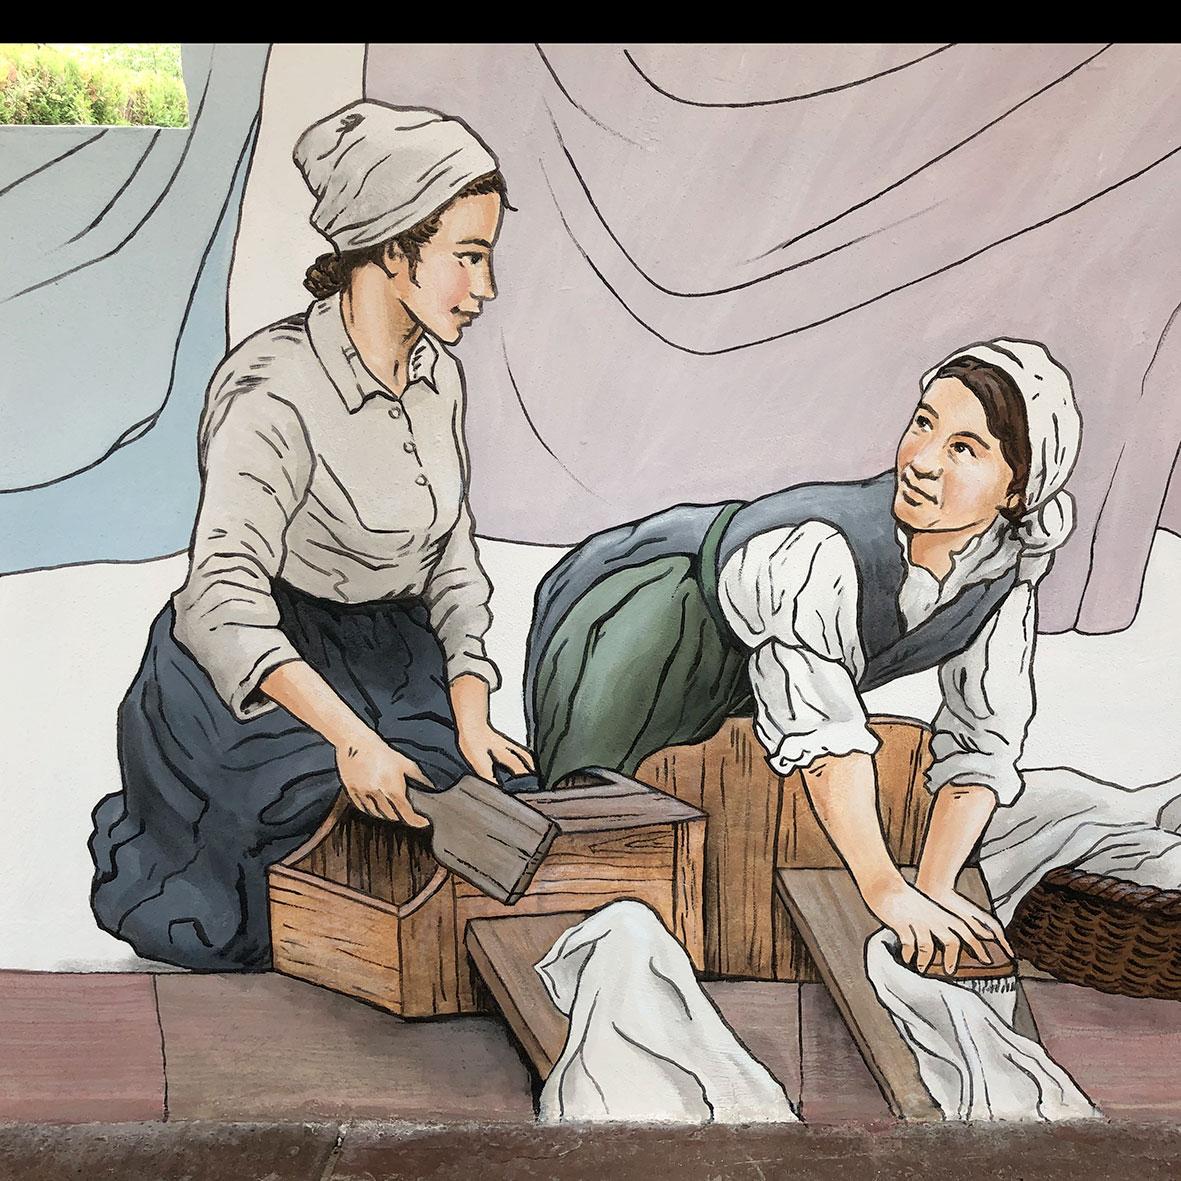 Les lavandières de la fresque du lavoir du lavoir d'Urmatt par Roland Perret et l'équipe d'illusions murales.